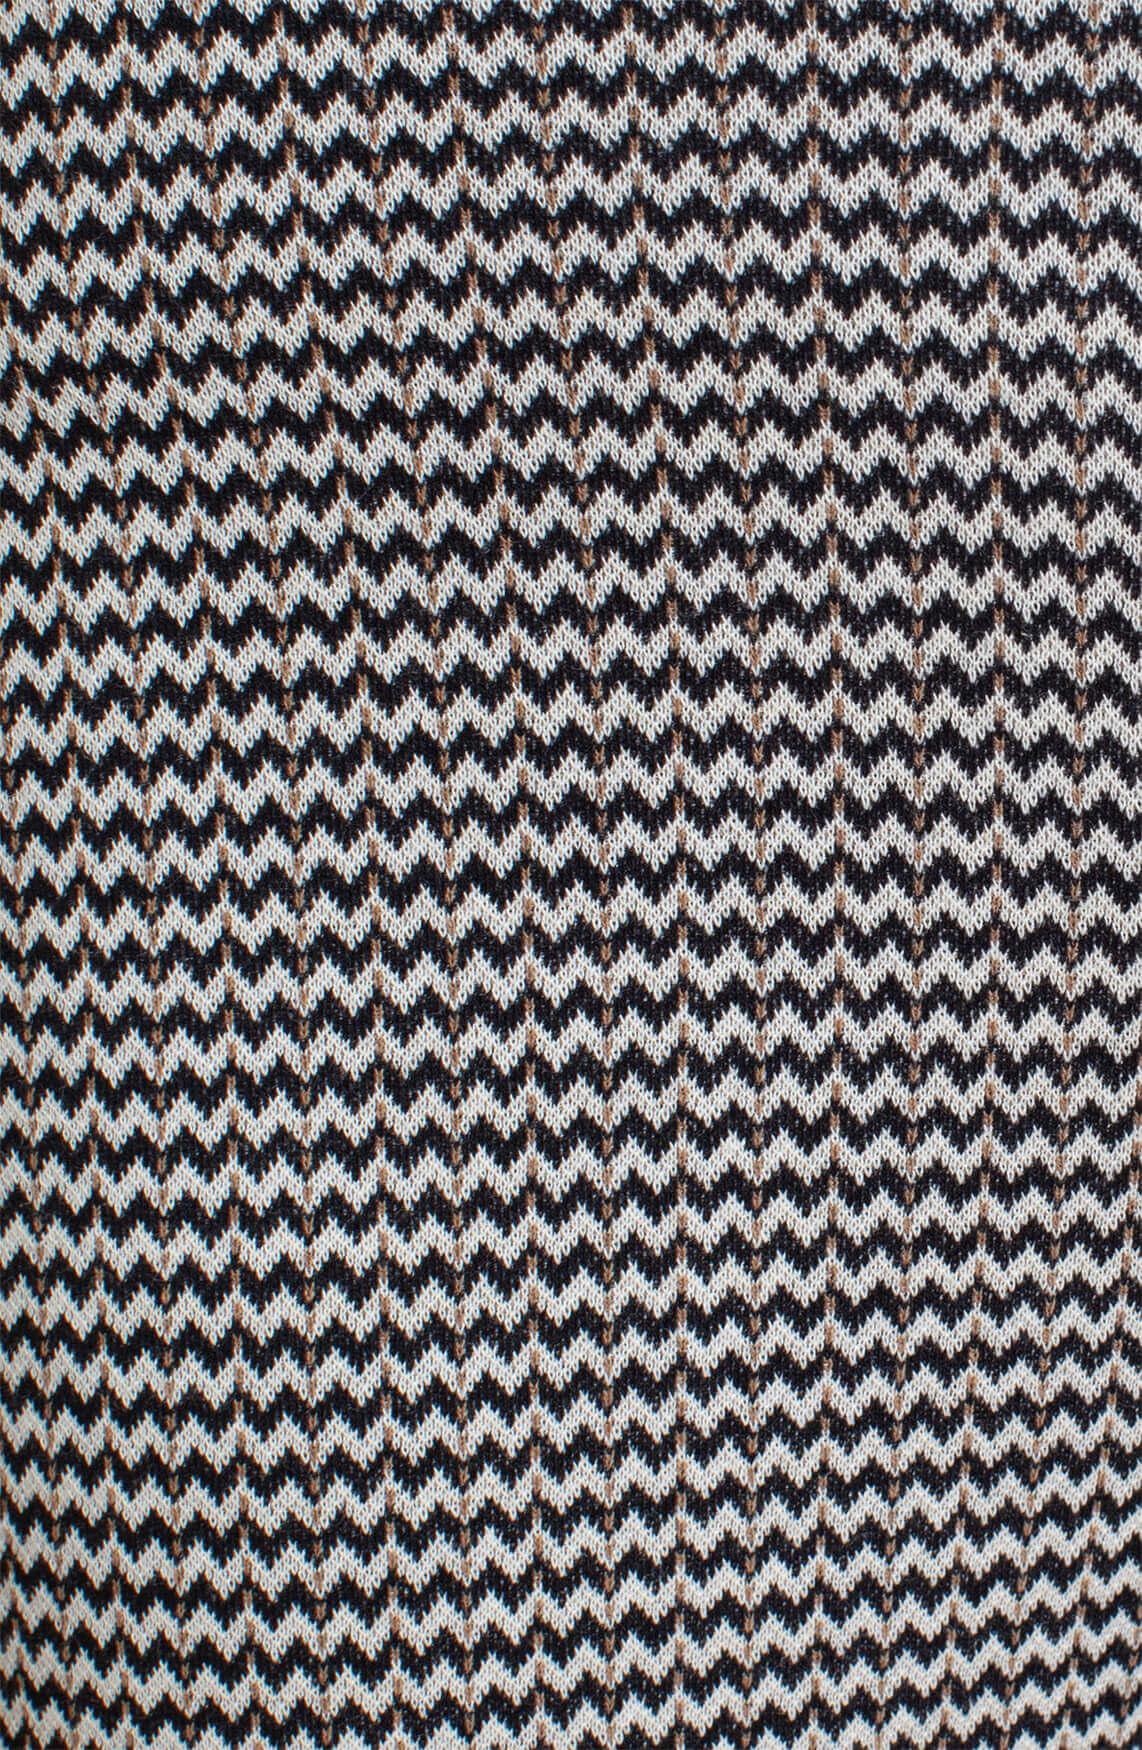 Anna Dames Chevron knit pantalon zwart